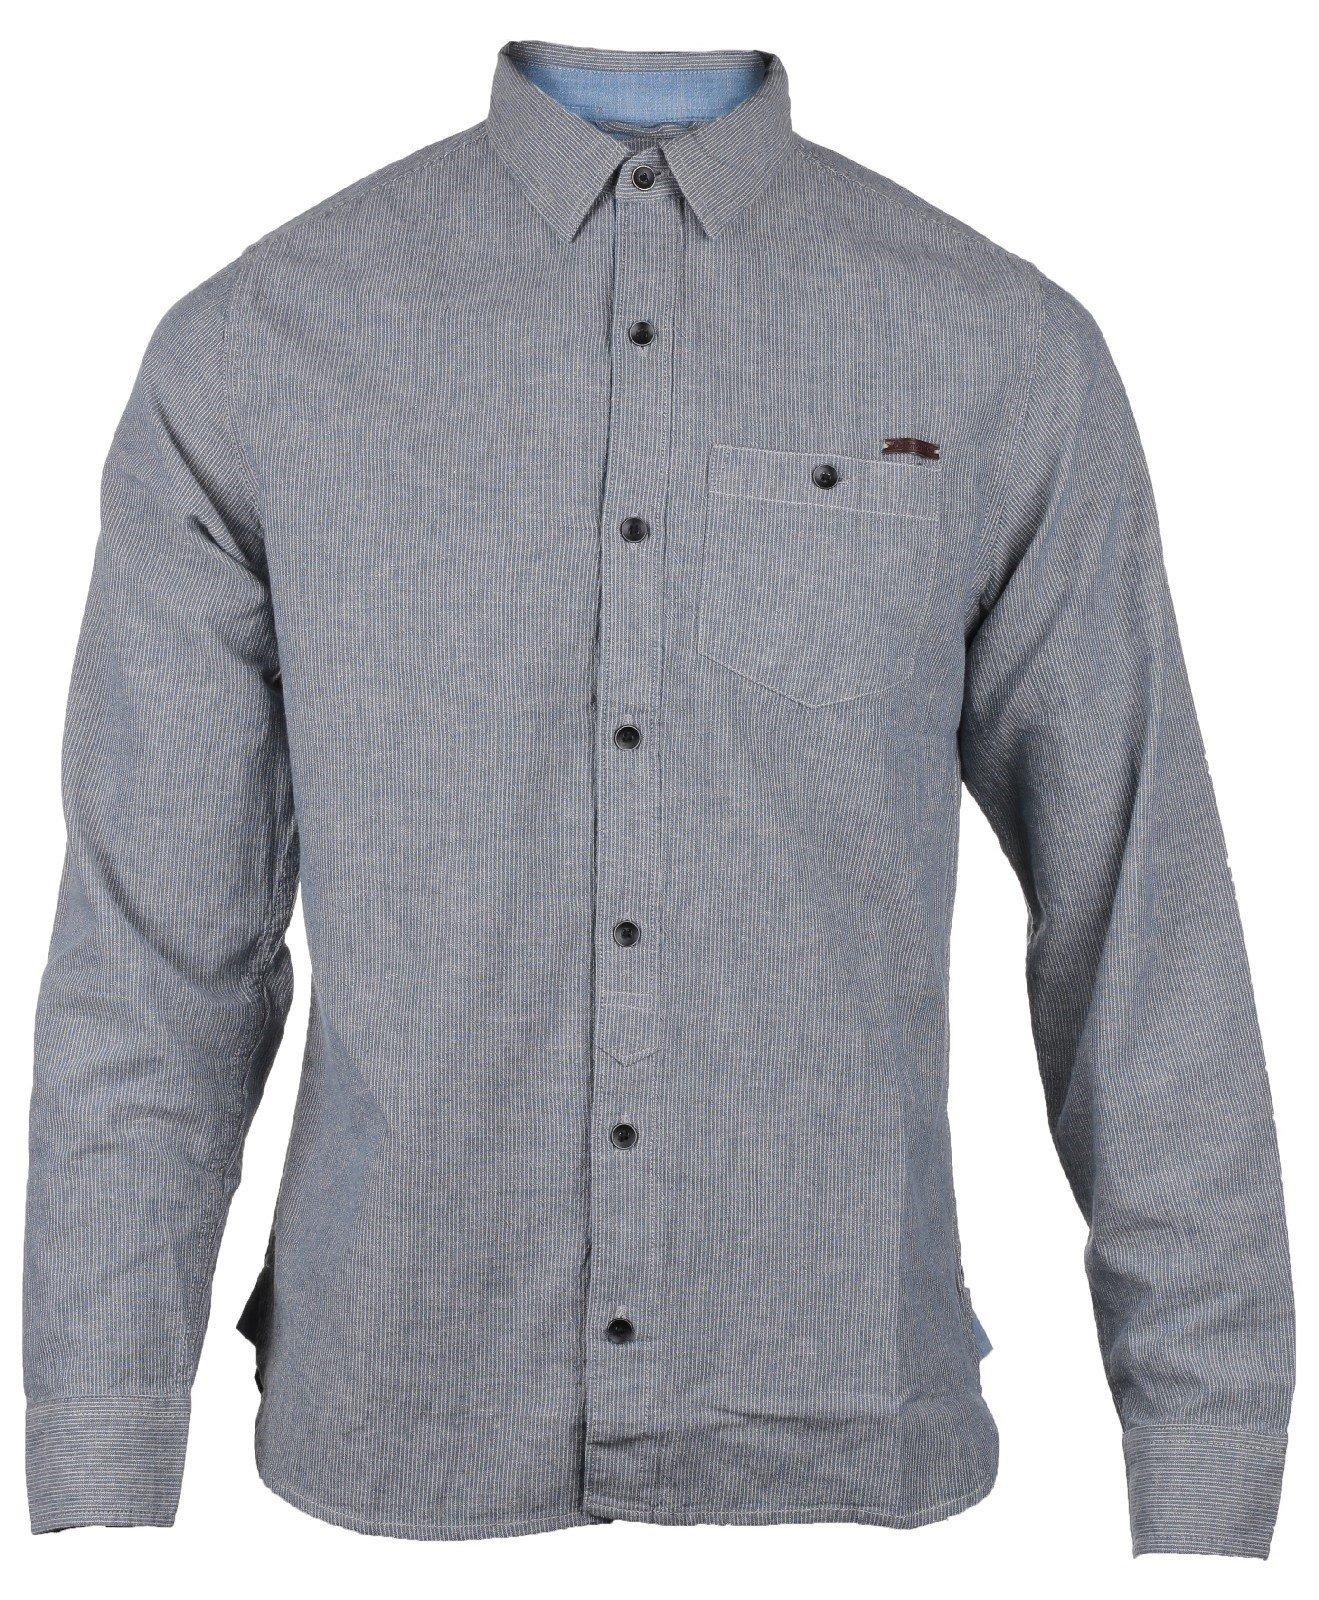 CAT Lifestyle Men's Radford LS Shirt Various Colours 24139 - Stripe Sml